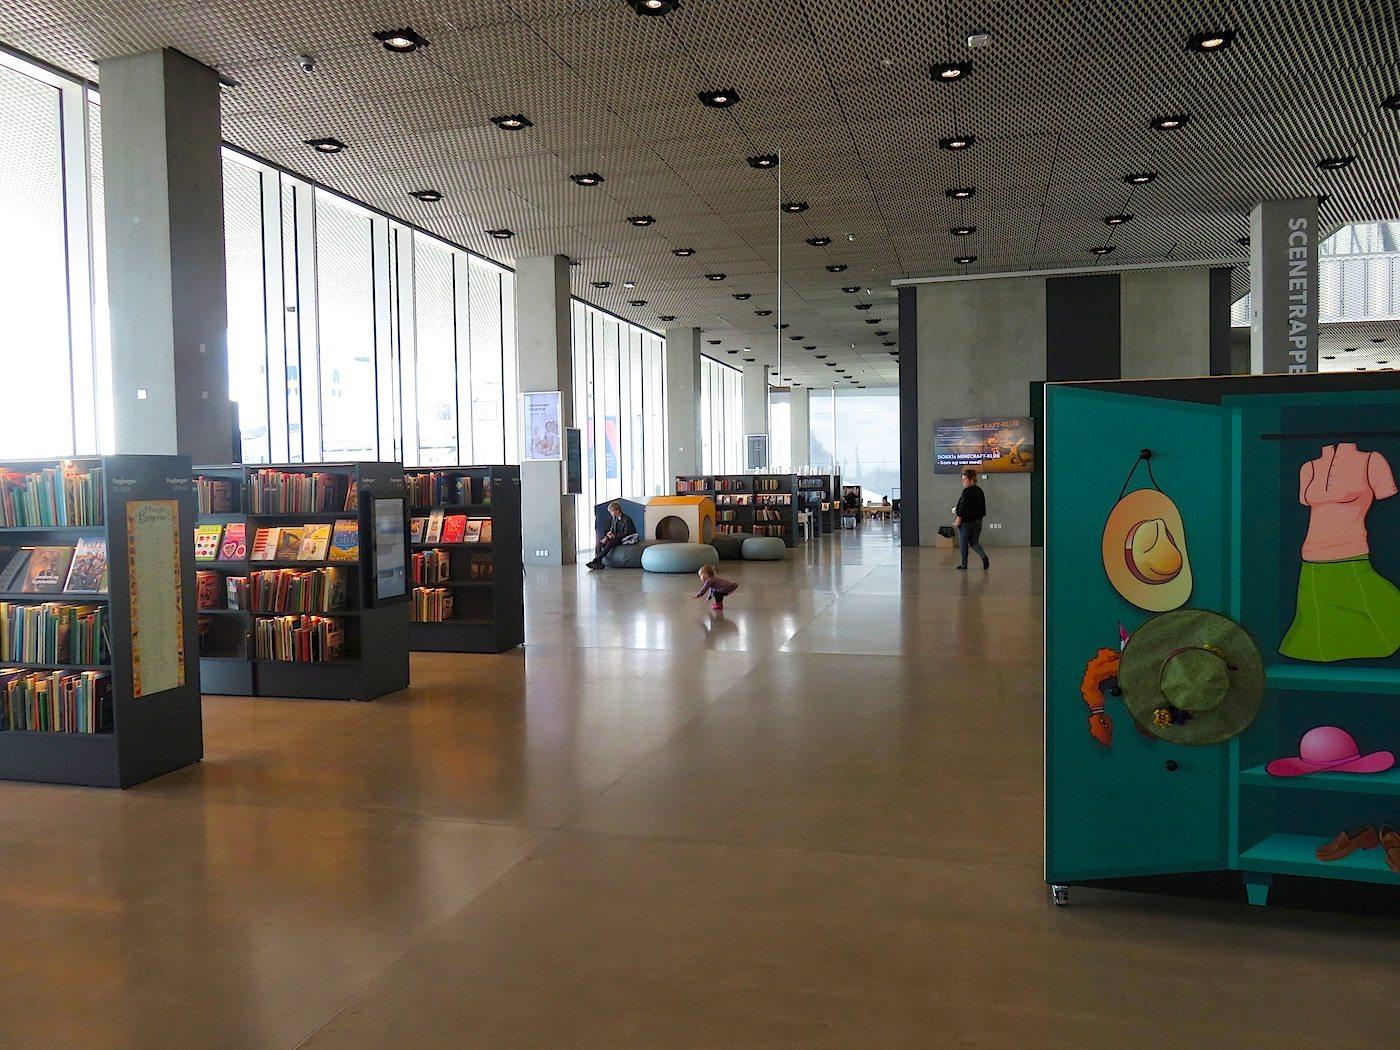 Dokk1. hat täglich bis zu 5.000 Besucher*innen. Für Eltern mit Anhang gibt es Kinder- und Indoor-Spielbereiche, einen Sportraum für Kinder und einen Extra-Raum, in dem Eltern mit ihren Kindern entspannt essen können.